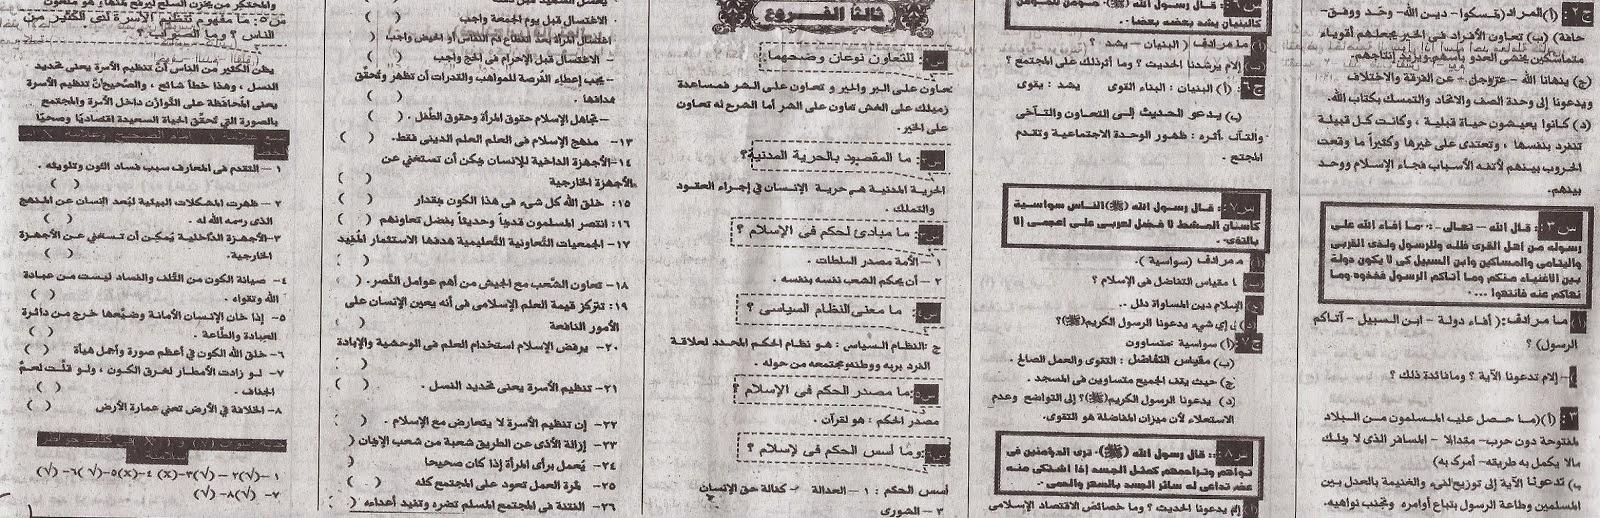 ملحق الجمهورية أول دفعة للصف السادس والثالث ع 12 يناير2015 scan0040.jpg